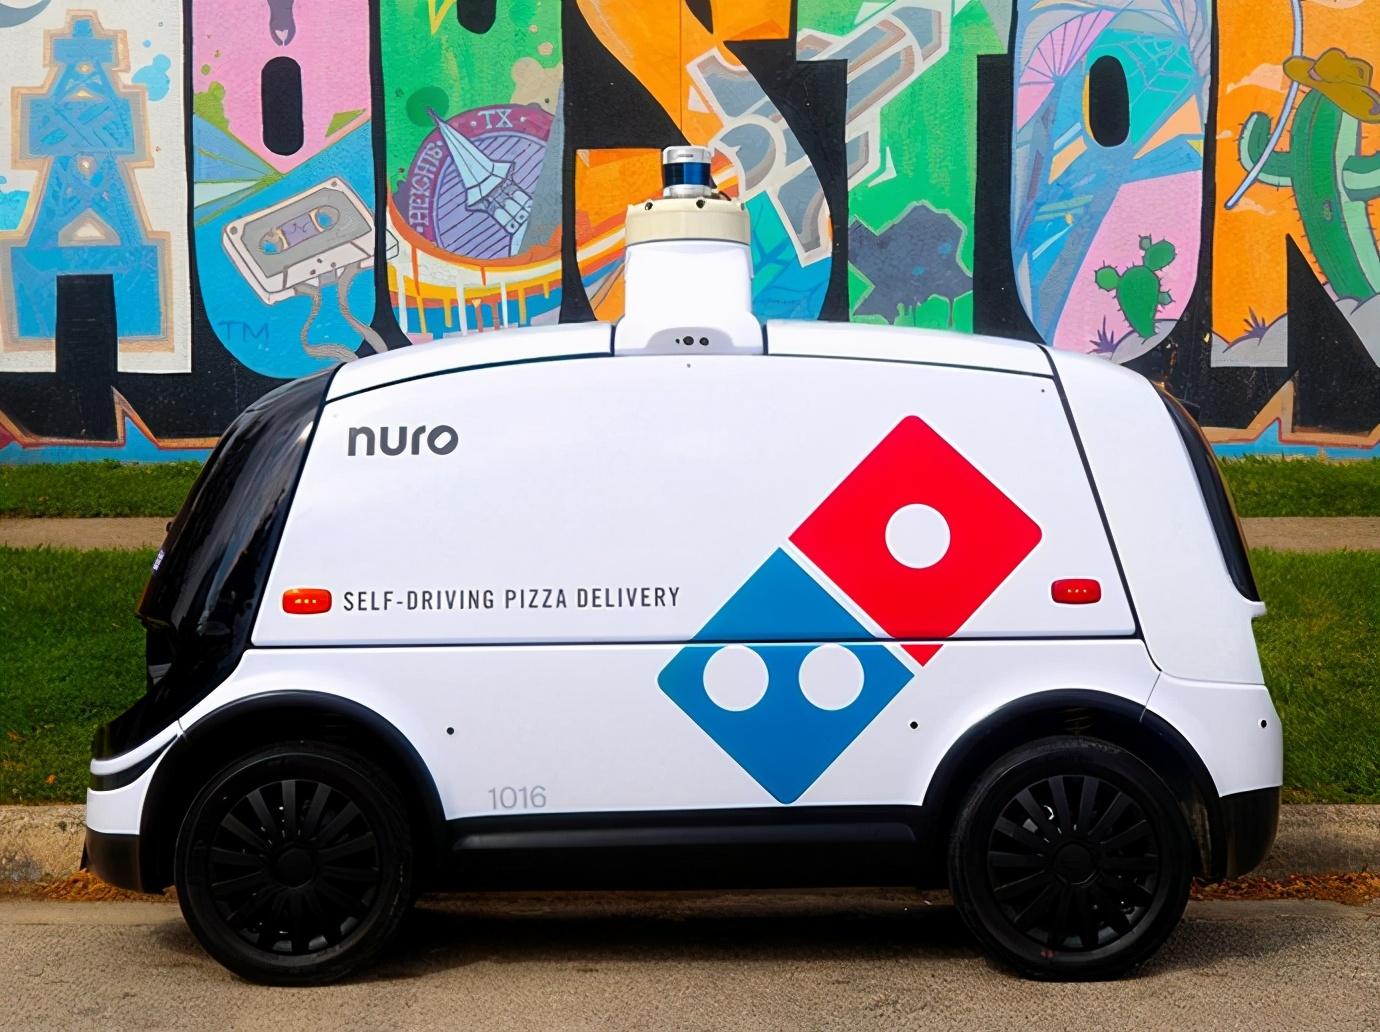 多米诺比萨饼开始使用自动驾驶汽车交付米诺比萨饼